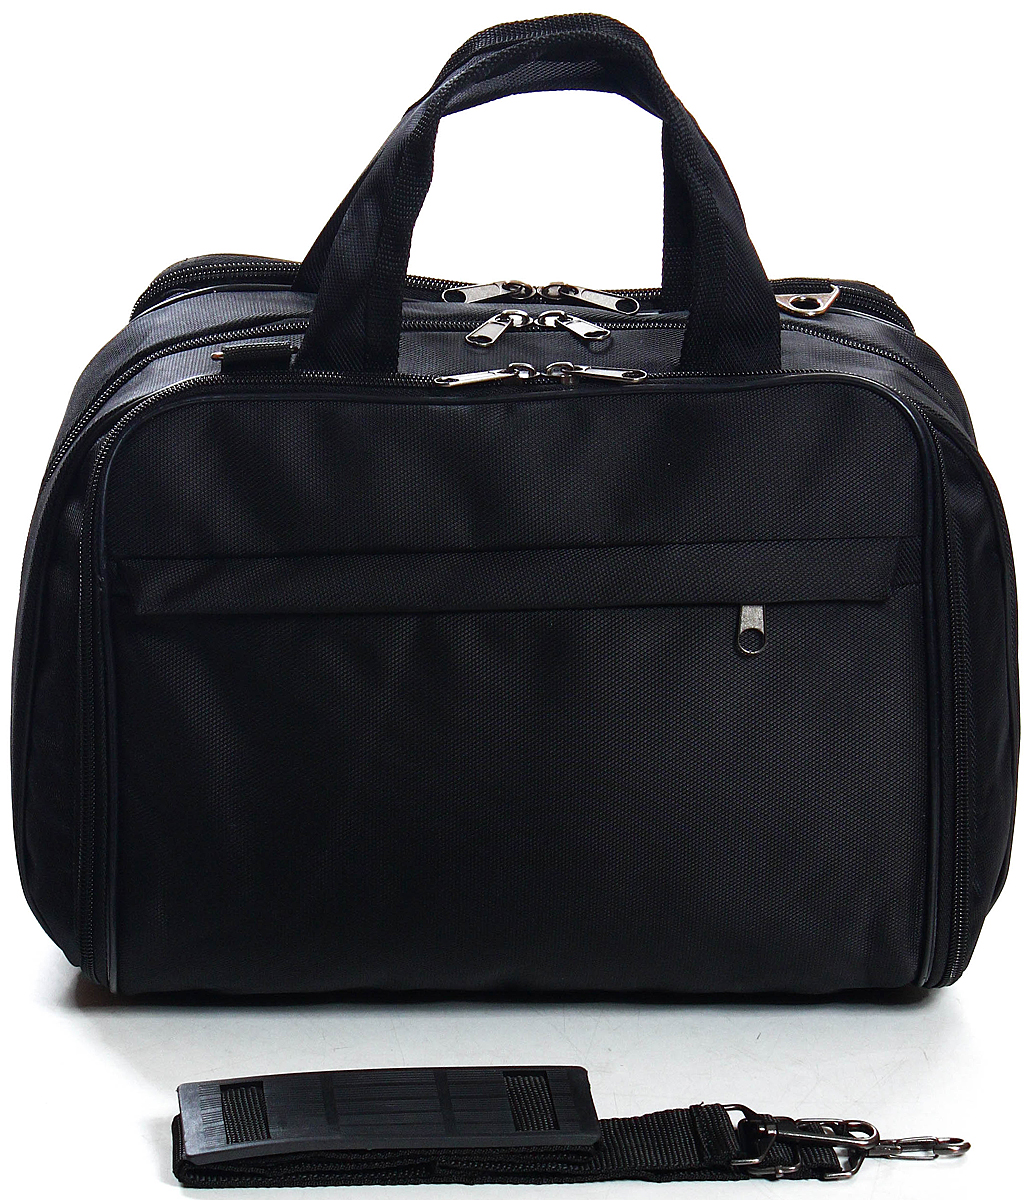 Сумка дорожная Ibag, цвет: черный, 16 л5201 ЧерныйКомпактный и стильный саквояж, идеально подойдет как для повседневной носки, так и для не длительных поездок, когда вещей с собой по минимуму.